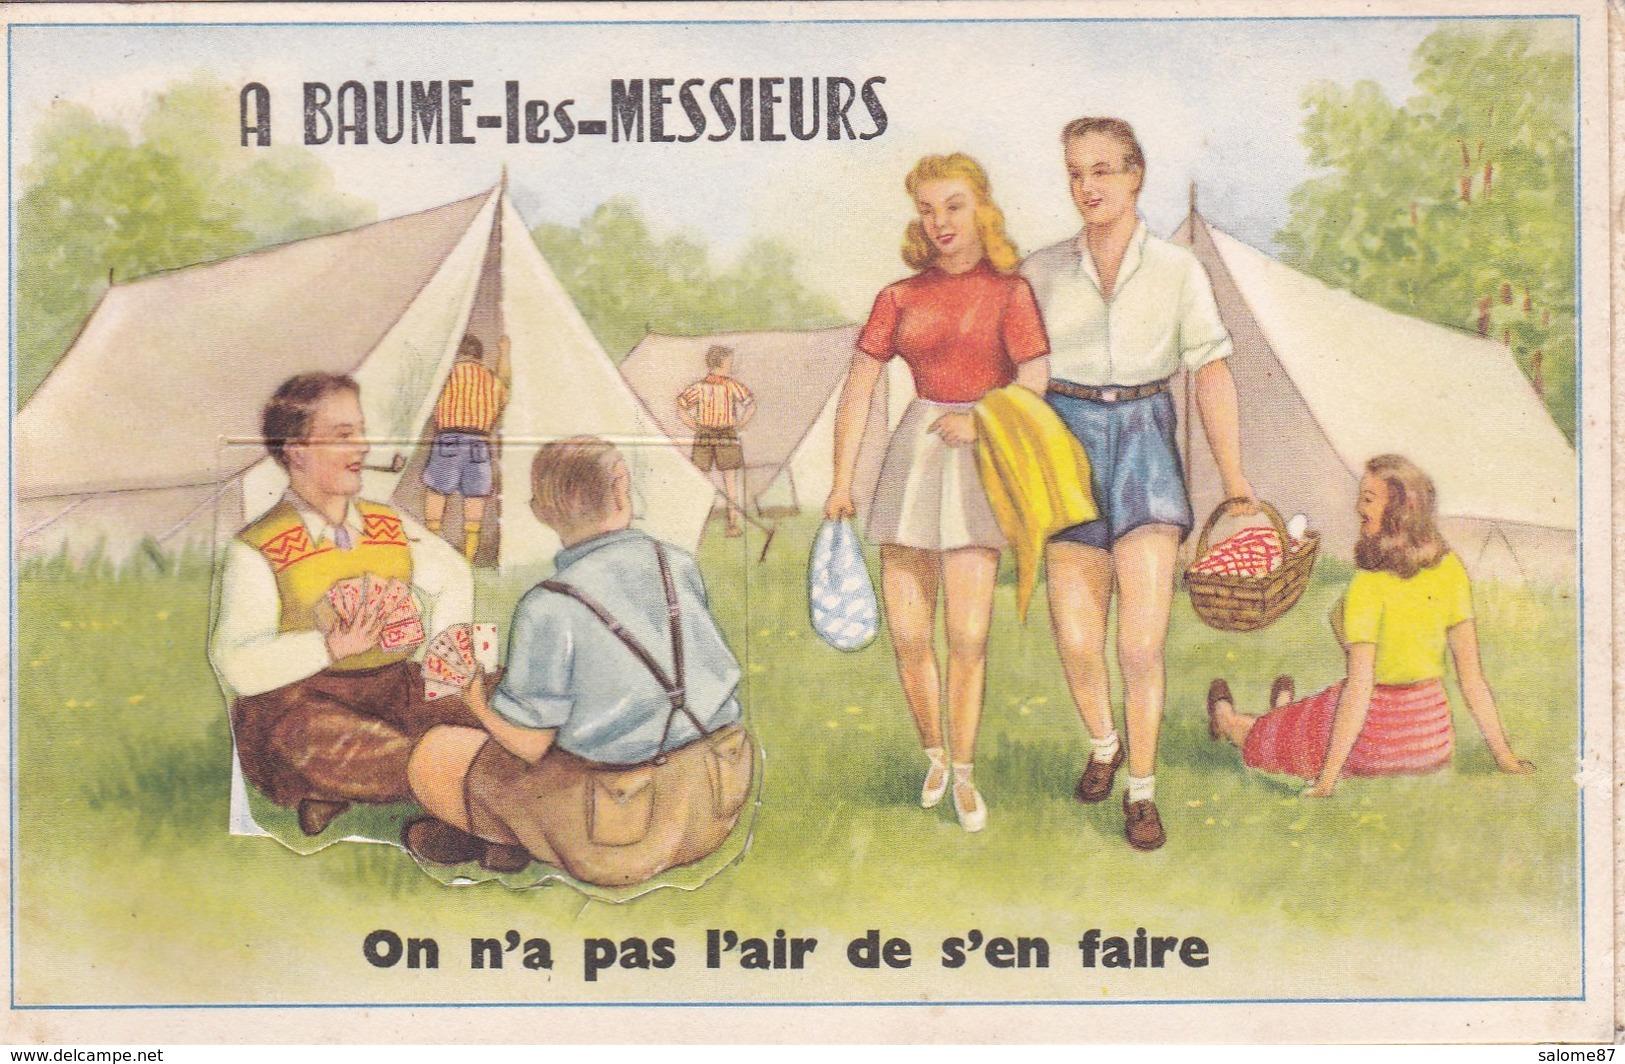 Cpa CARTE A SYSTEME A BAUME LES MESSIEURS N ONT PAS L AIR DE S EN FAIRE CARTE COULEUR - Humour